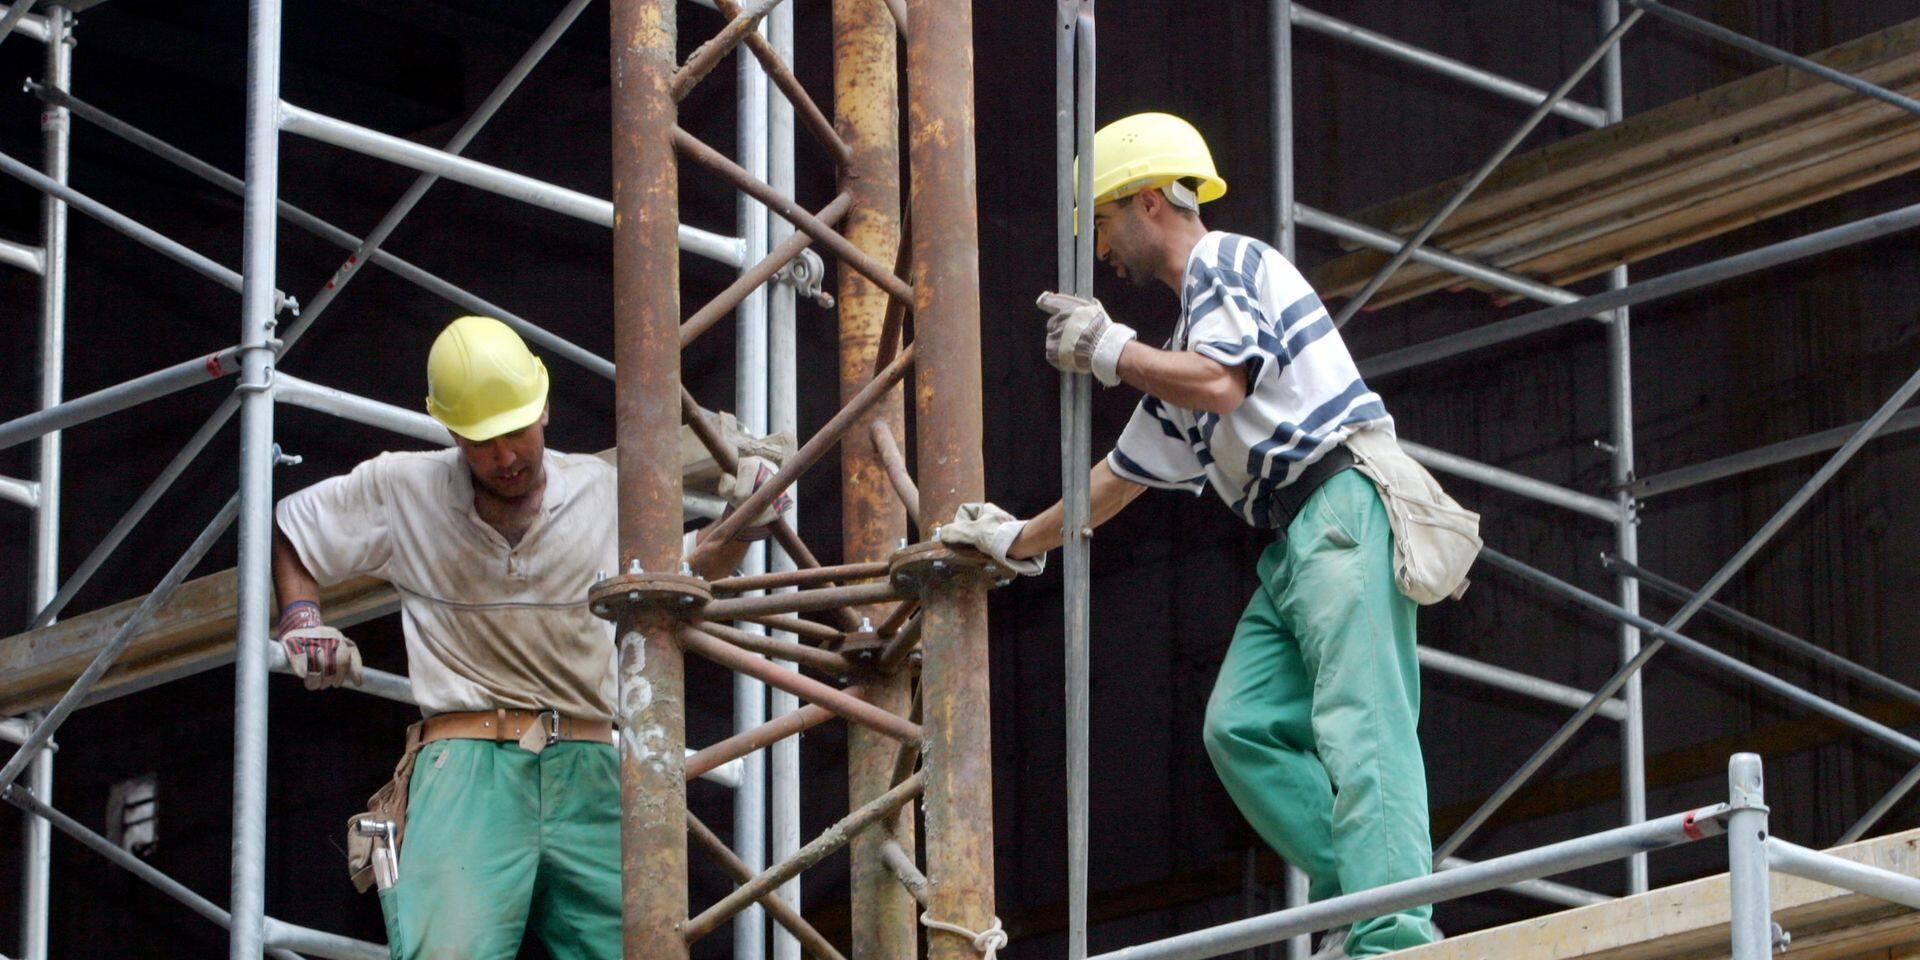 La quarantaine de dix jours pourrait entraver le fonctionnement des chantiers